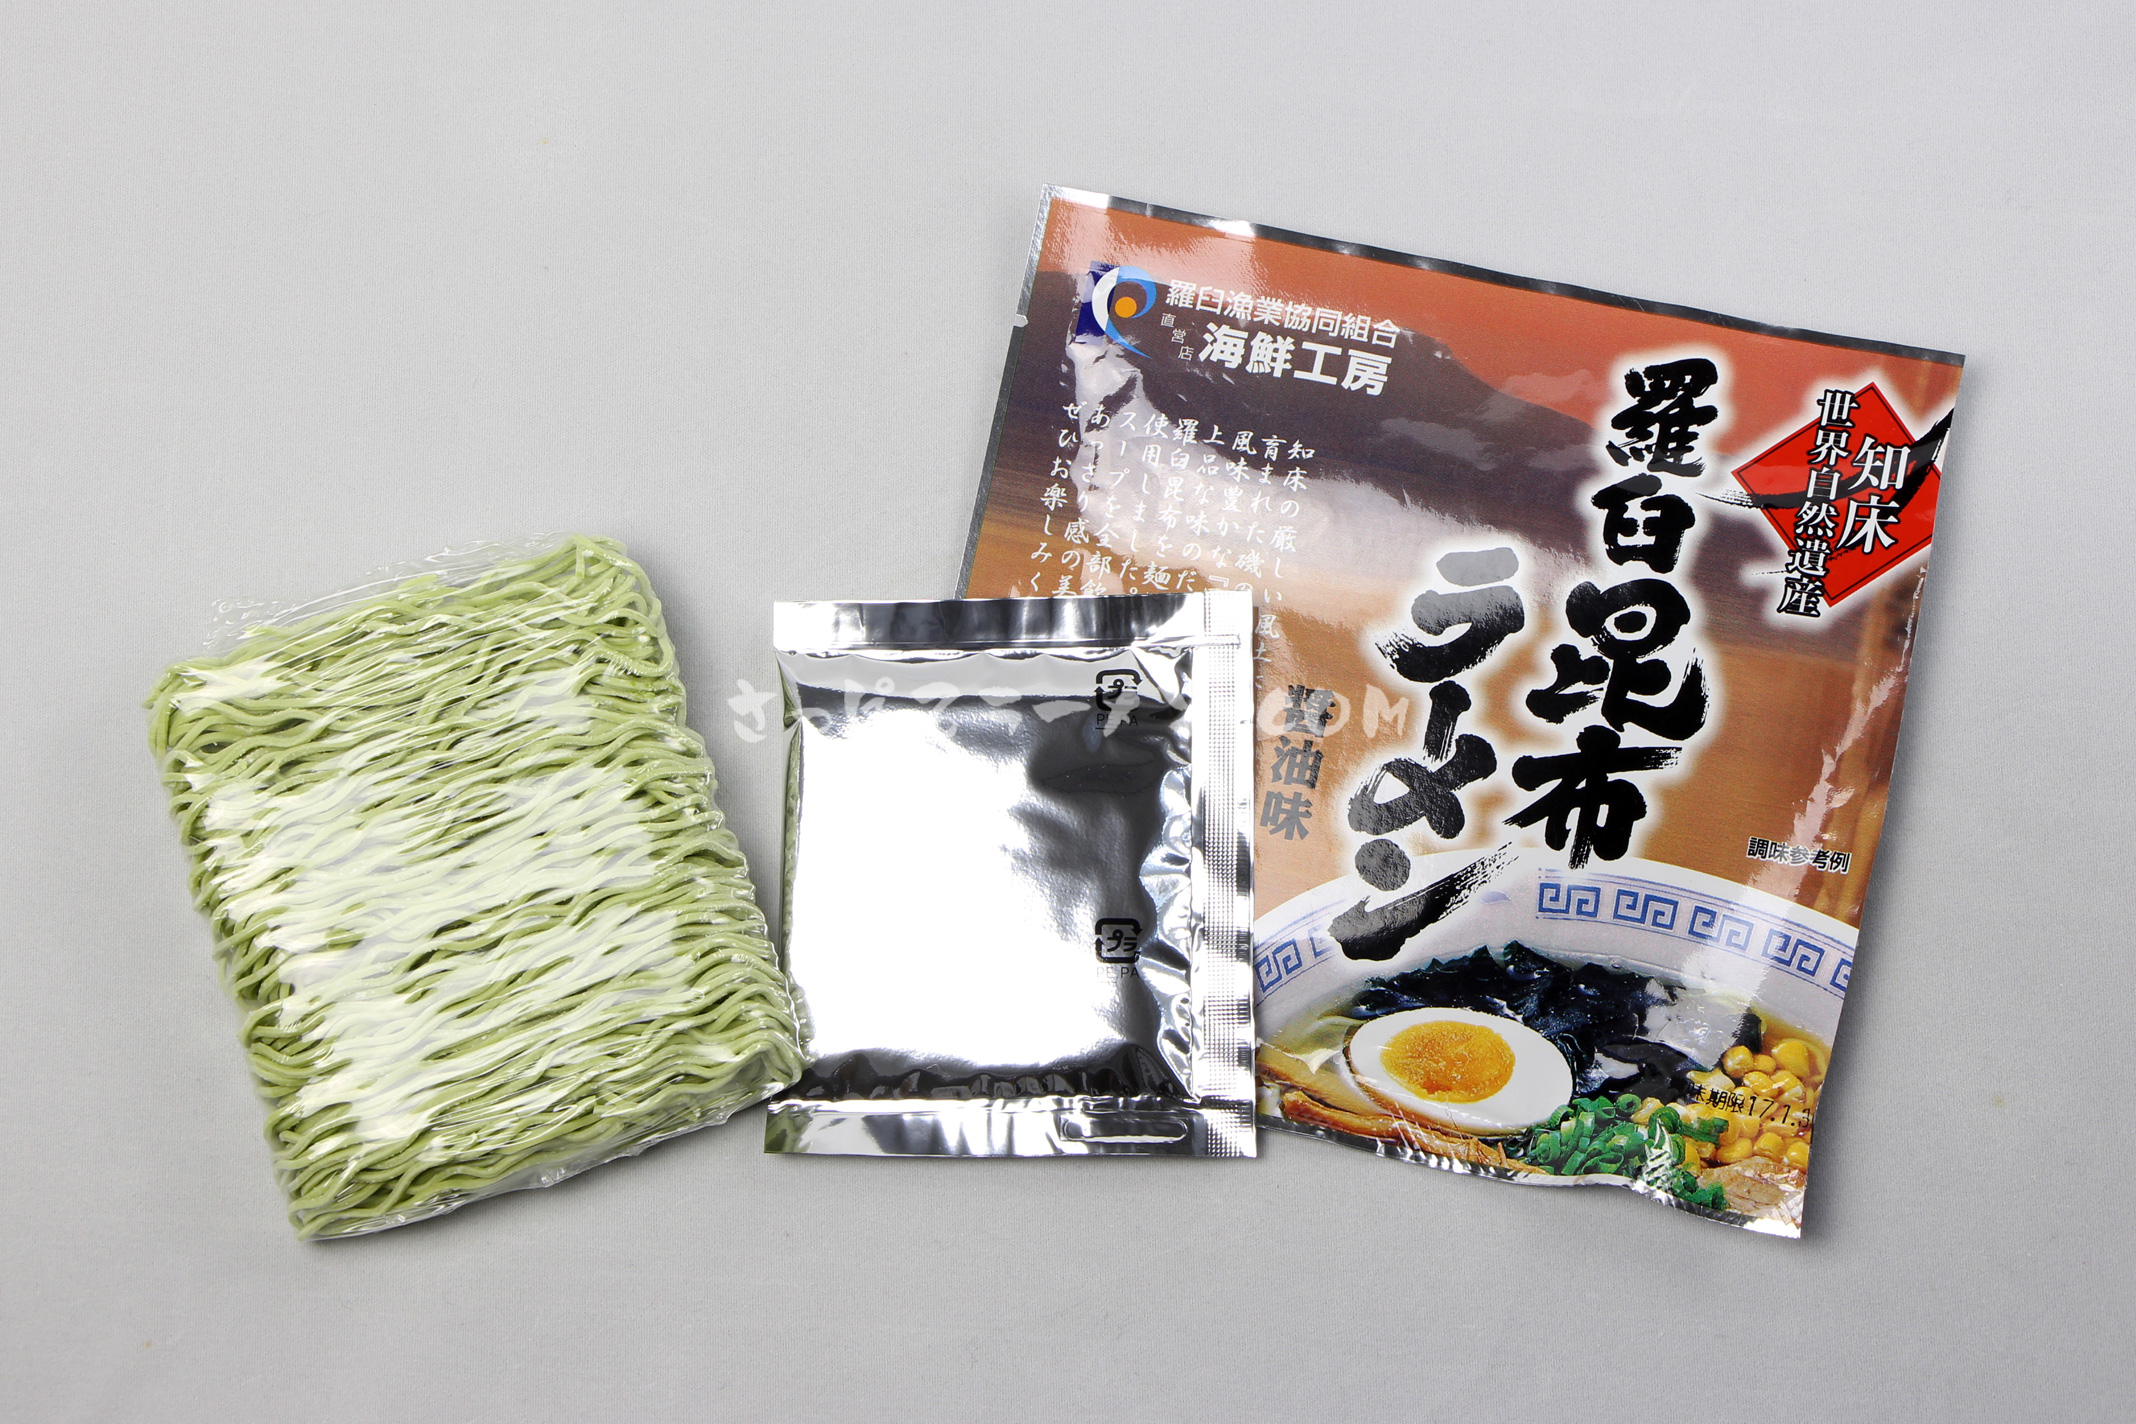 「羅臼昆布らーめん」(羅臼漁業協同組合)の麺とスープ